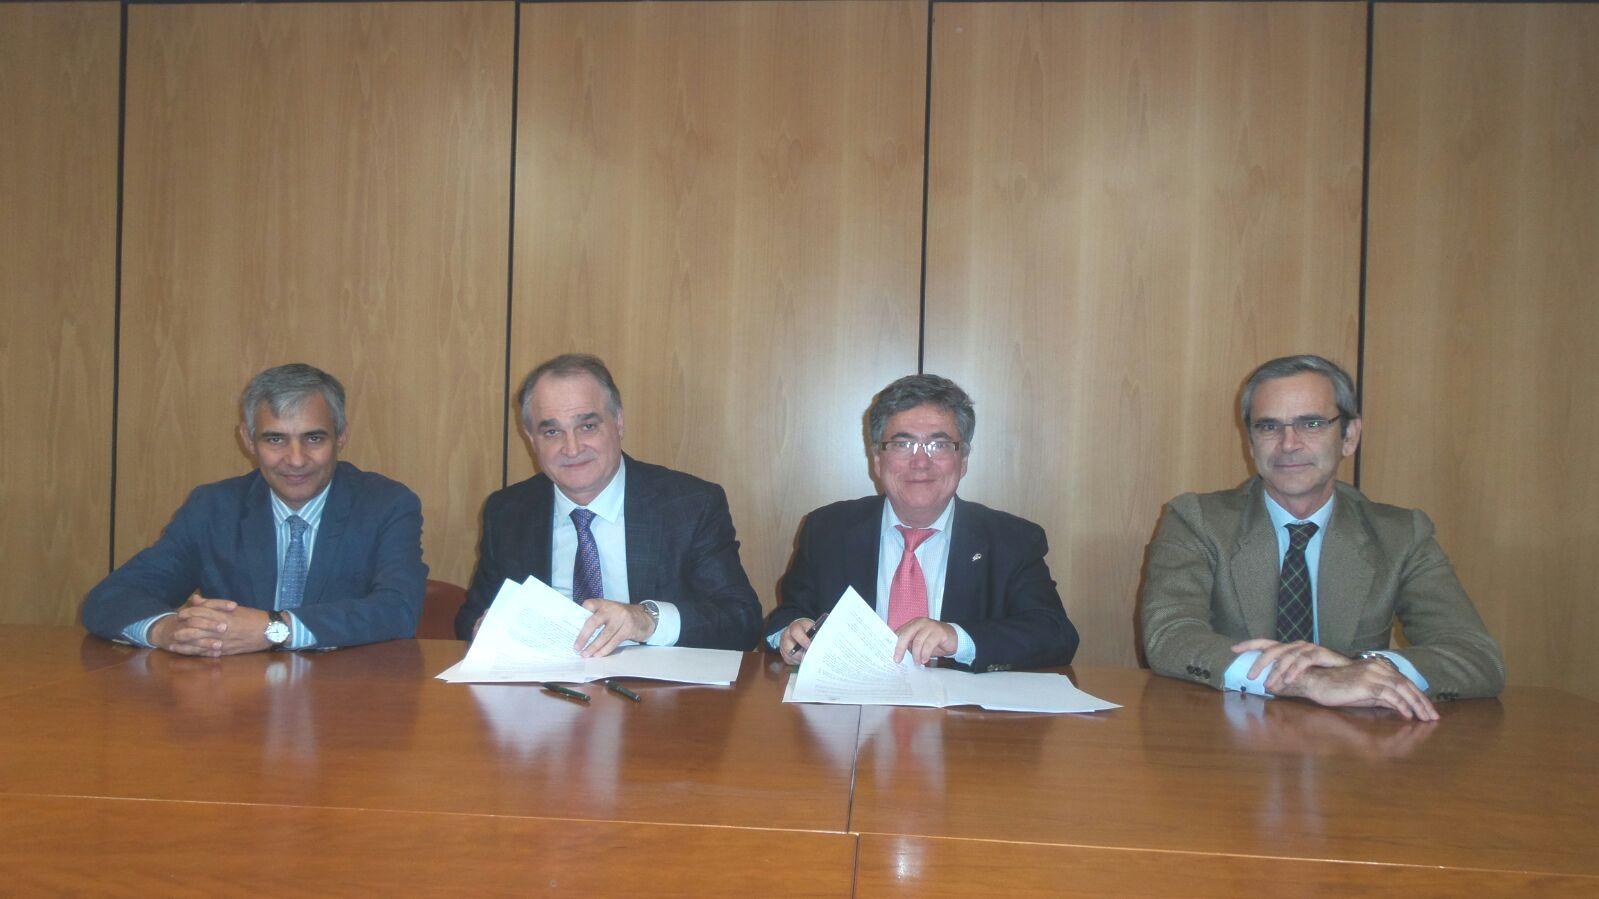 Convenio para monitorizaci n ambulatoria de la presi n for Convenio oficinas y despachos tenerife